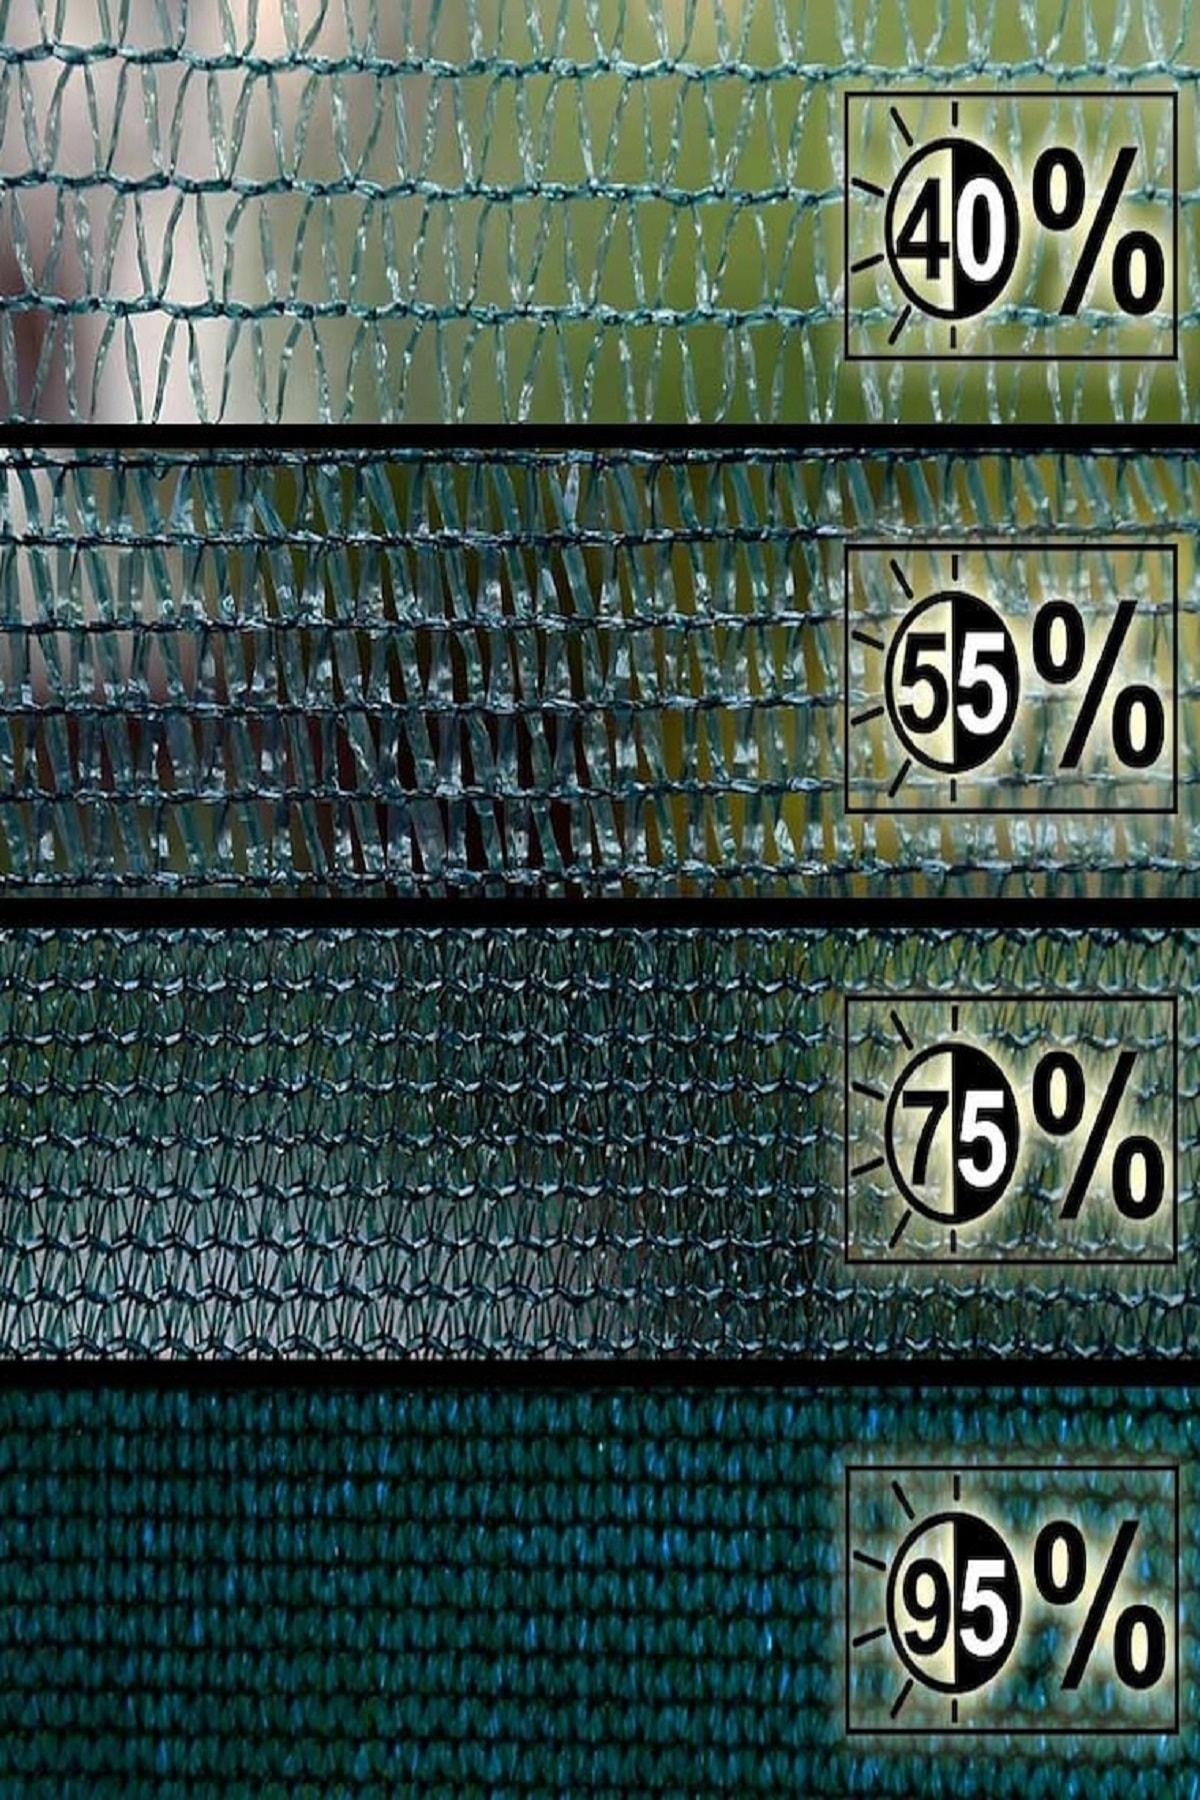 ÇUVAL SEPETİ Gölgelik File 1,5x5 Mt %95 Gölgelik Kumaş Gölgeleme Çit Örtüsü Yeşil Kuşgözlü + Kolonlu 2